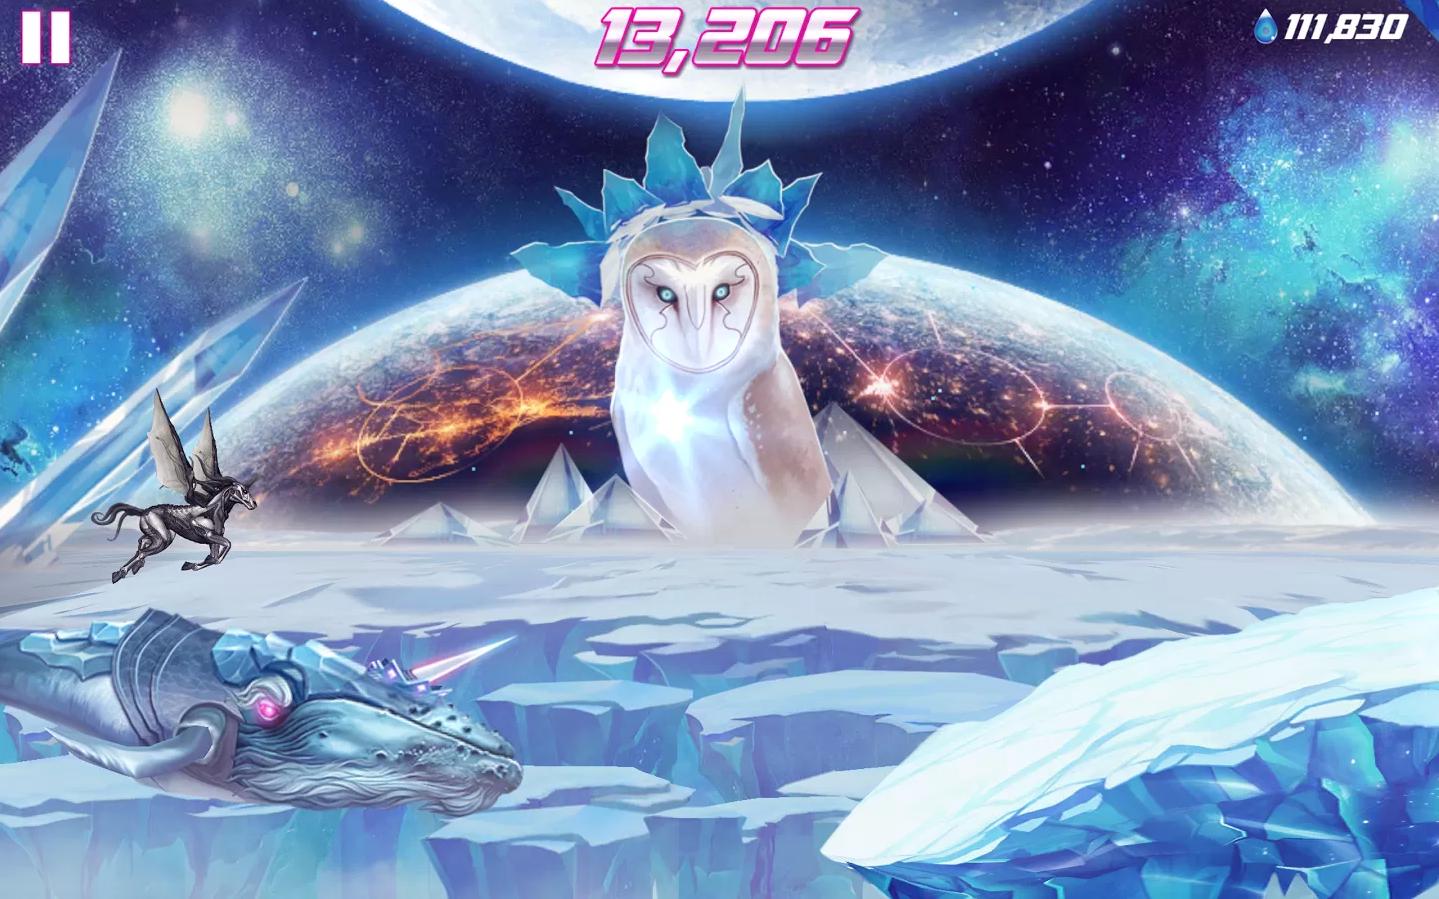 Внезапно! Robot unicorn Attack 2 восхитителен! Посмотрите на графику— Бредбериевские пейзажи, над которыми летит гиг ... - Изображение 1